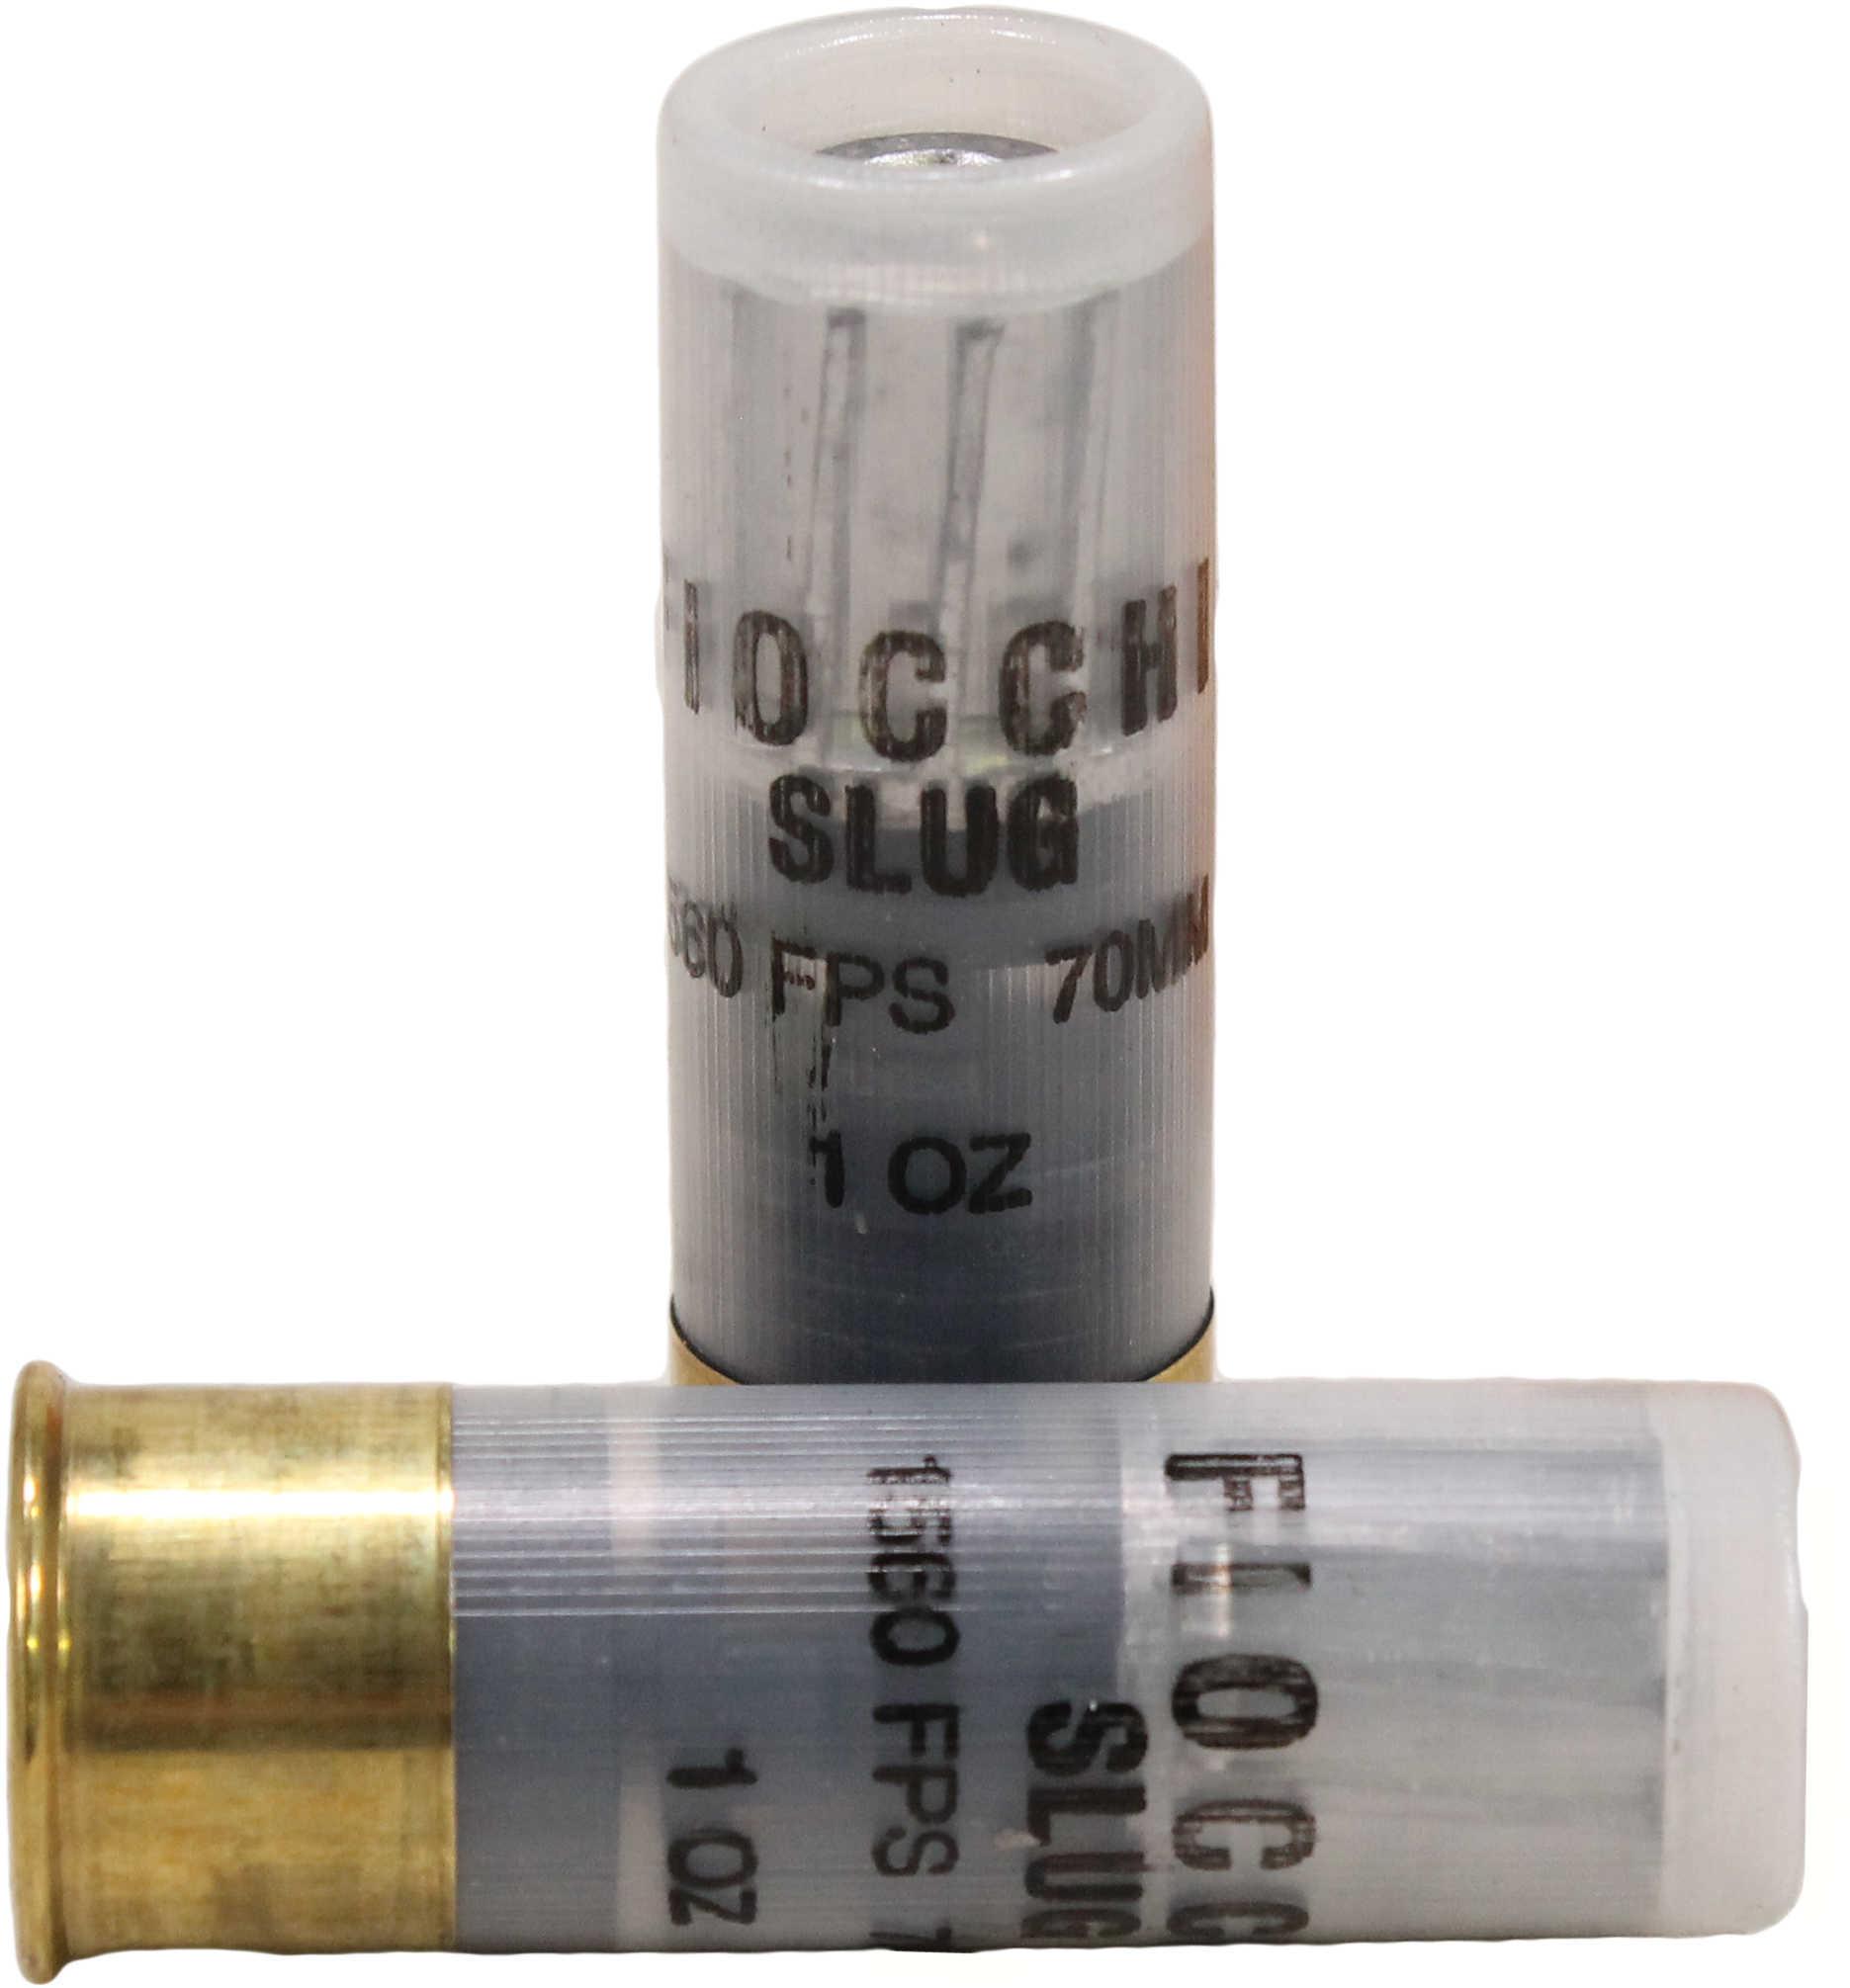 """Fiocchi Ammo Aero Slug 12 Gauge 2.75"""" Hi-Velocity 1 Oz (Per 10) Md: 12Slug"""